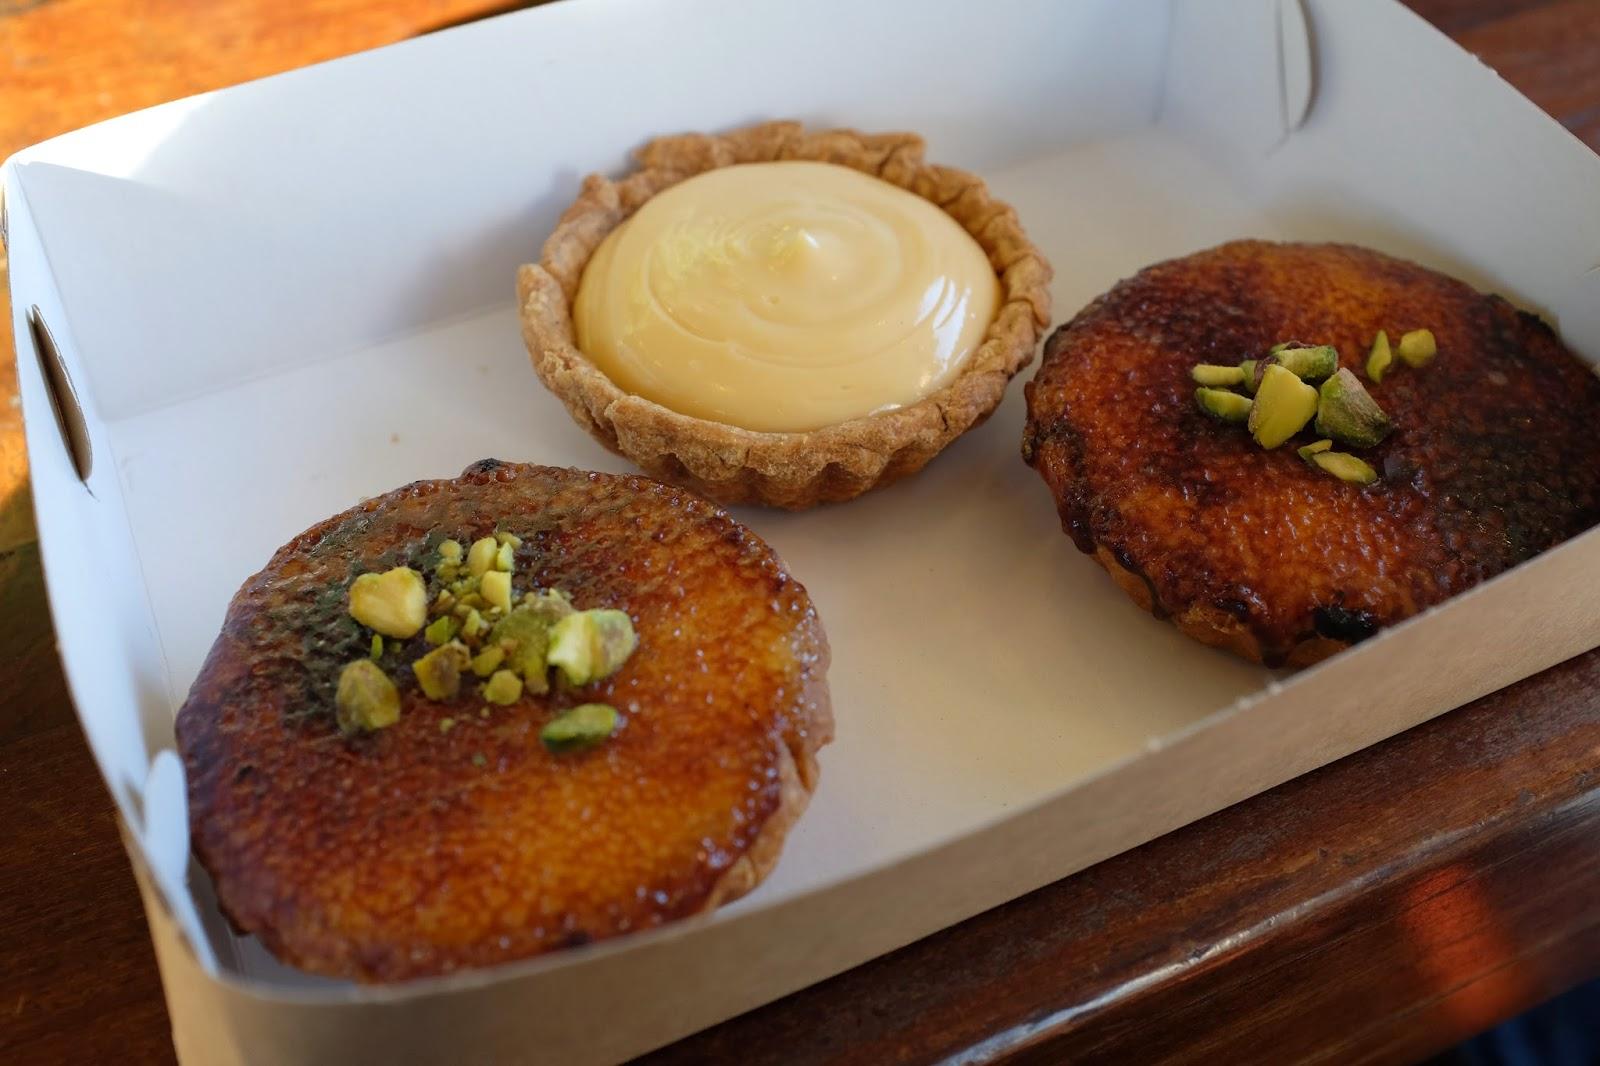 ginger brulee tarts and lemon curd tart to bring home to Melbourne :)